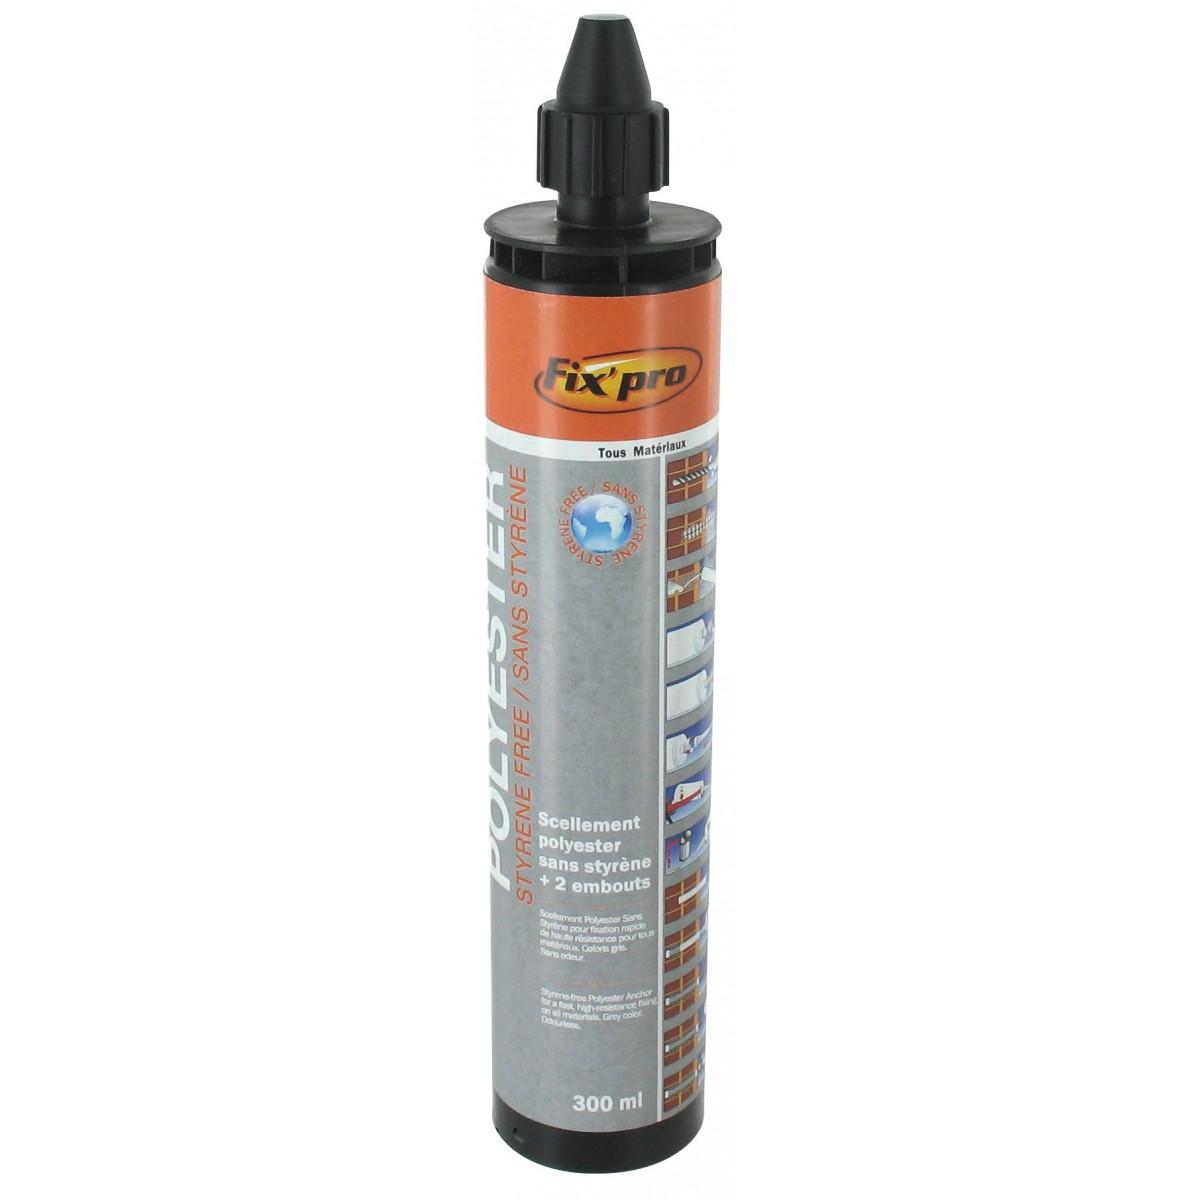 Scellement chimique polyester fix 39 pro 300 ml gris de - Cartouche scellement chimique ...